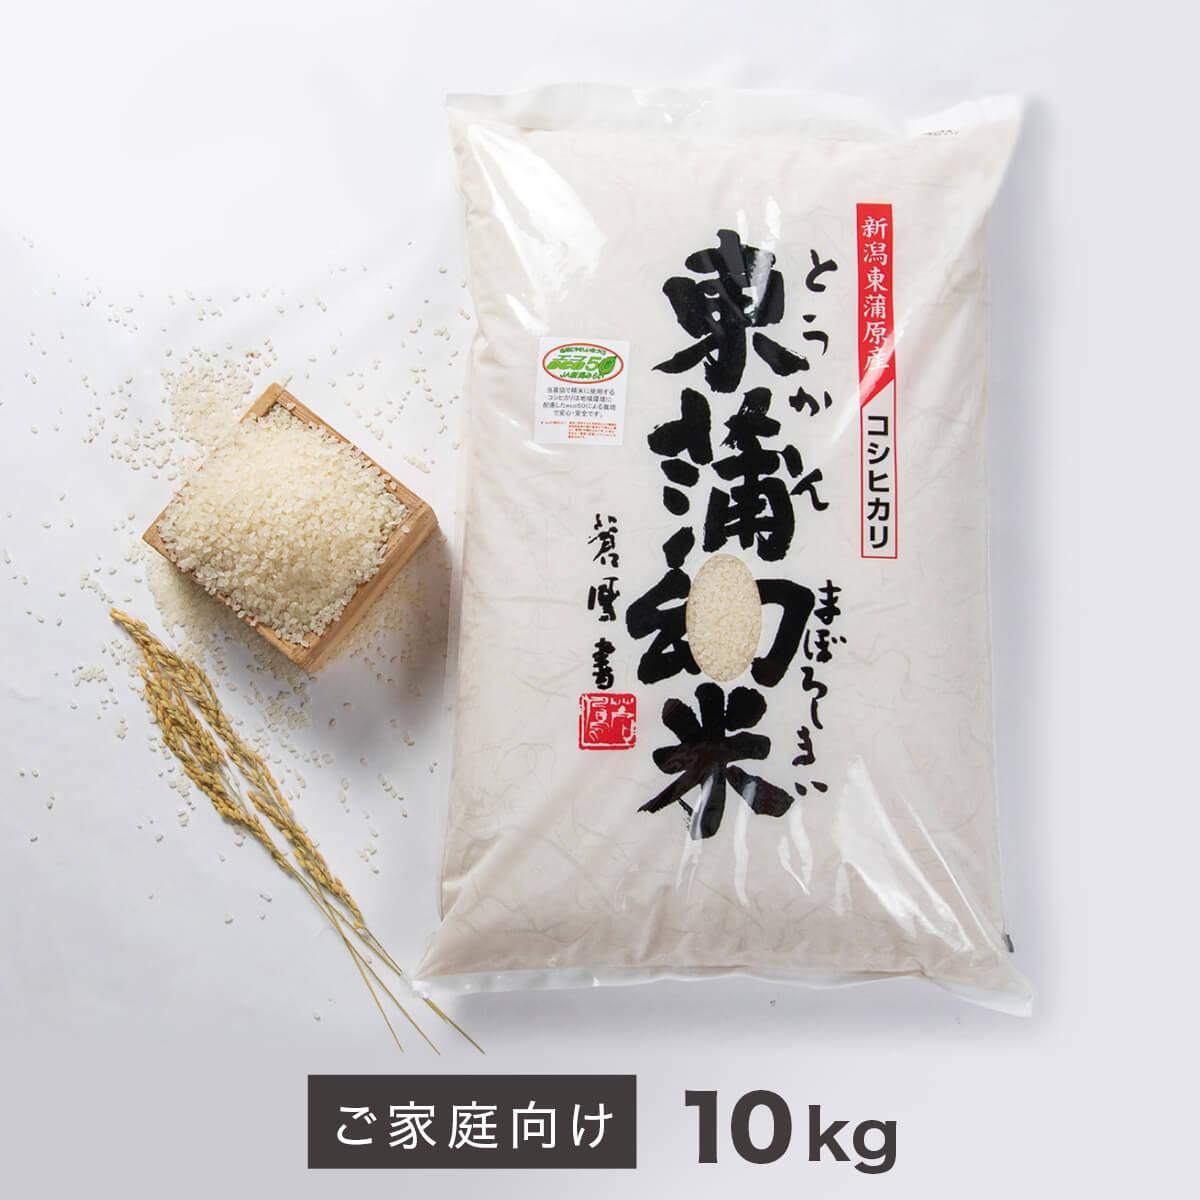 【ふるさと納税】特別栽培コシヒカリ 化学肥料・農薬50%削減の『東蒲幻米』(ご家庭用)10kg